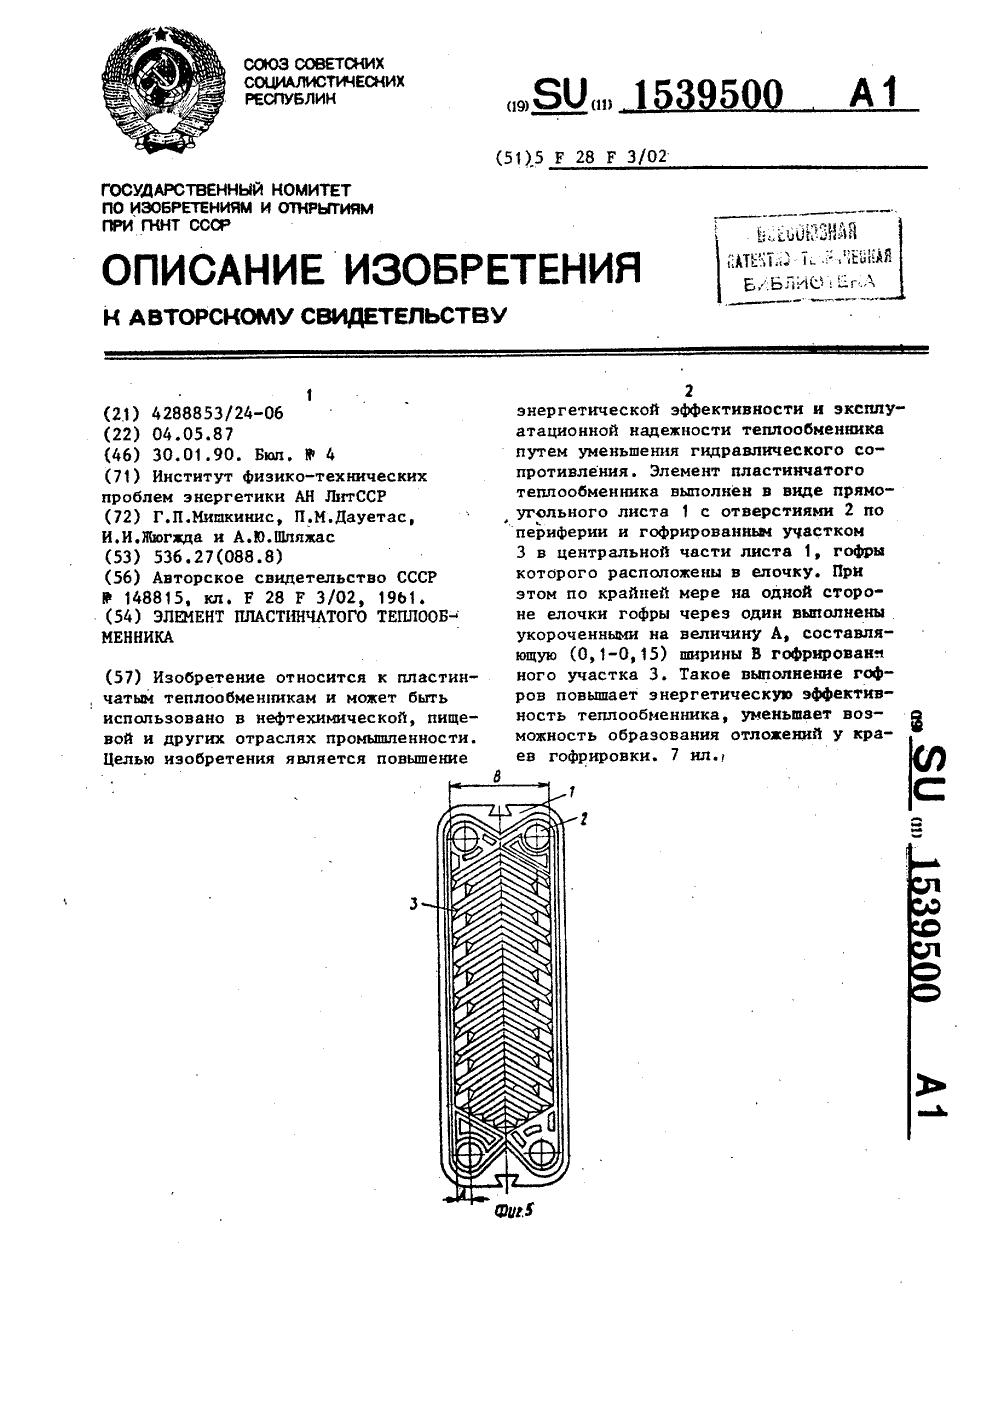 Пластинчатый теплообменник КС 24 Глазов Кожухотрубный испаритель Alfa Laval DED 745 Мурманск